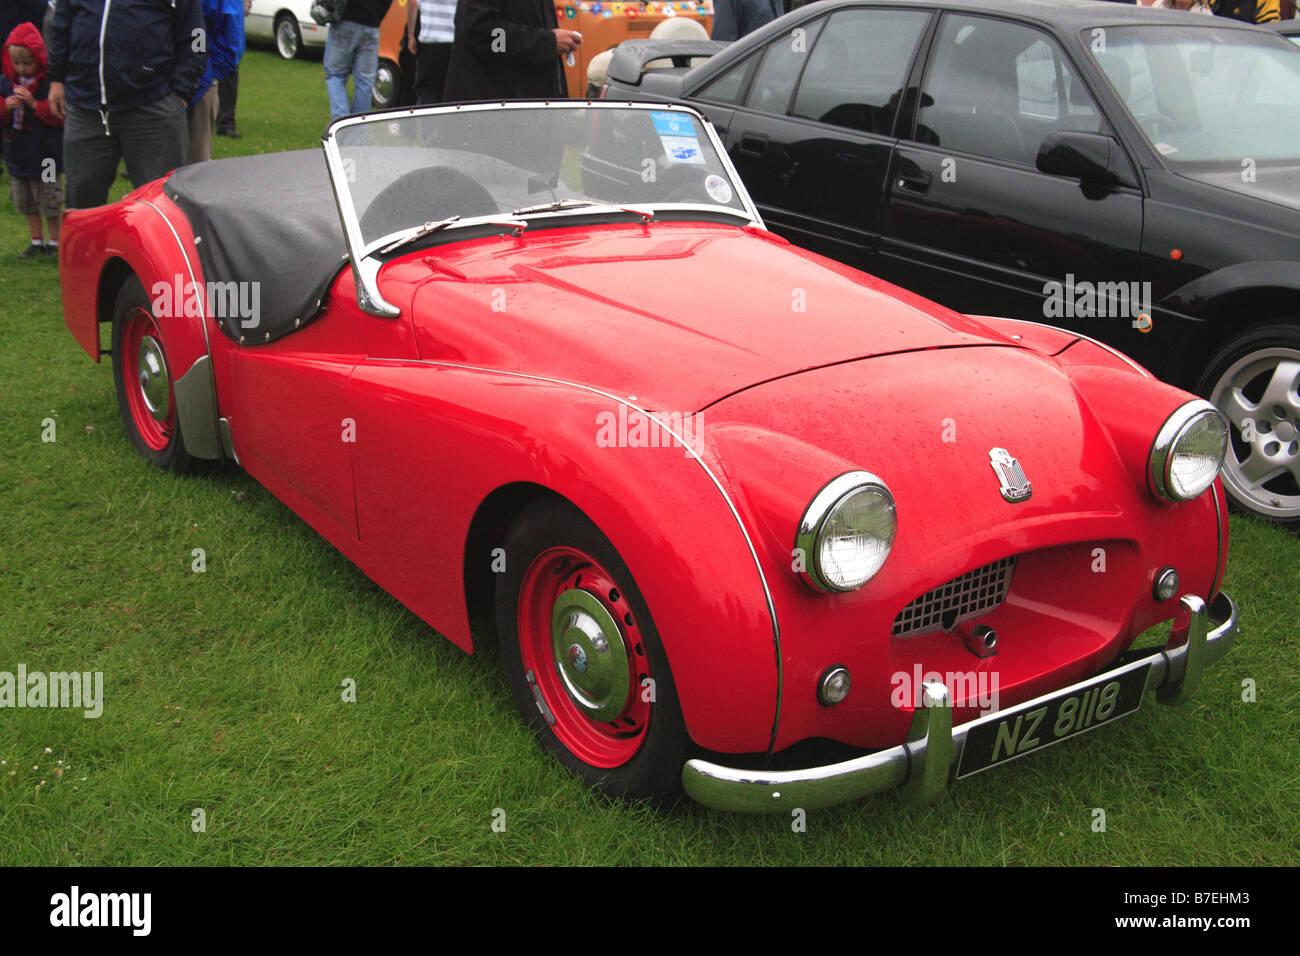 Trionfo TR2 rosso classico veicolo auto motor sport cromato convertibile inglese REGNO UNITO British oldtimer Immagini Stock